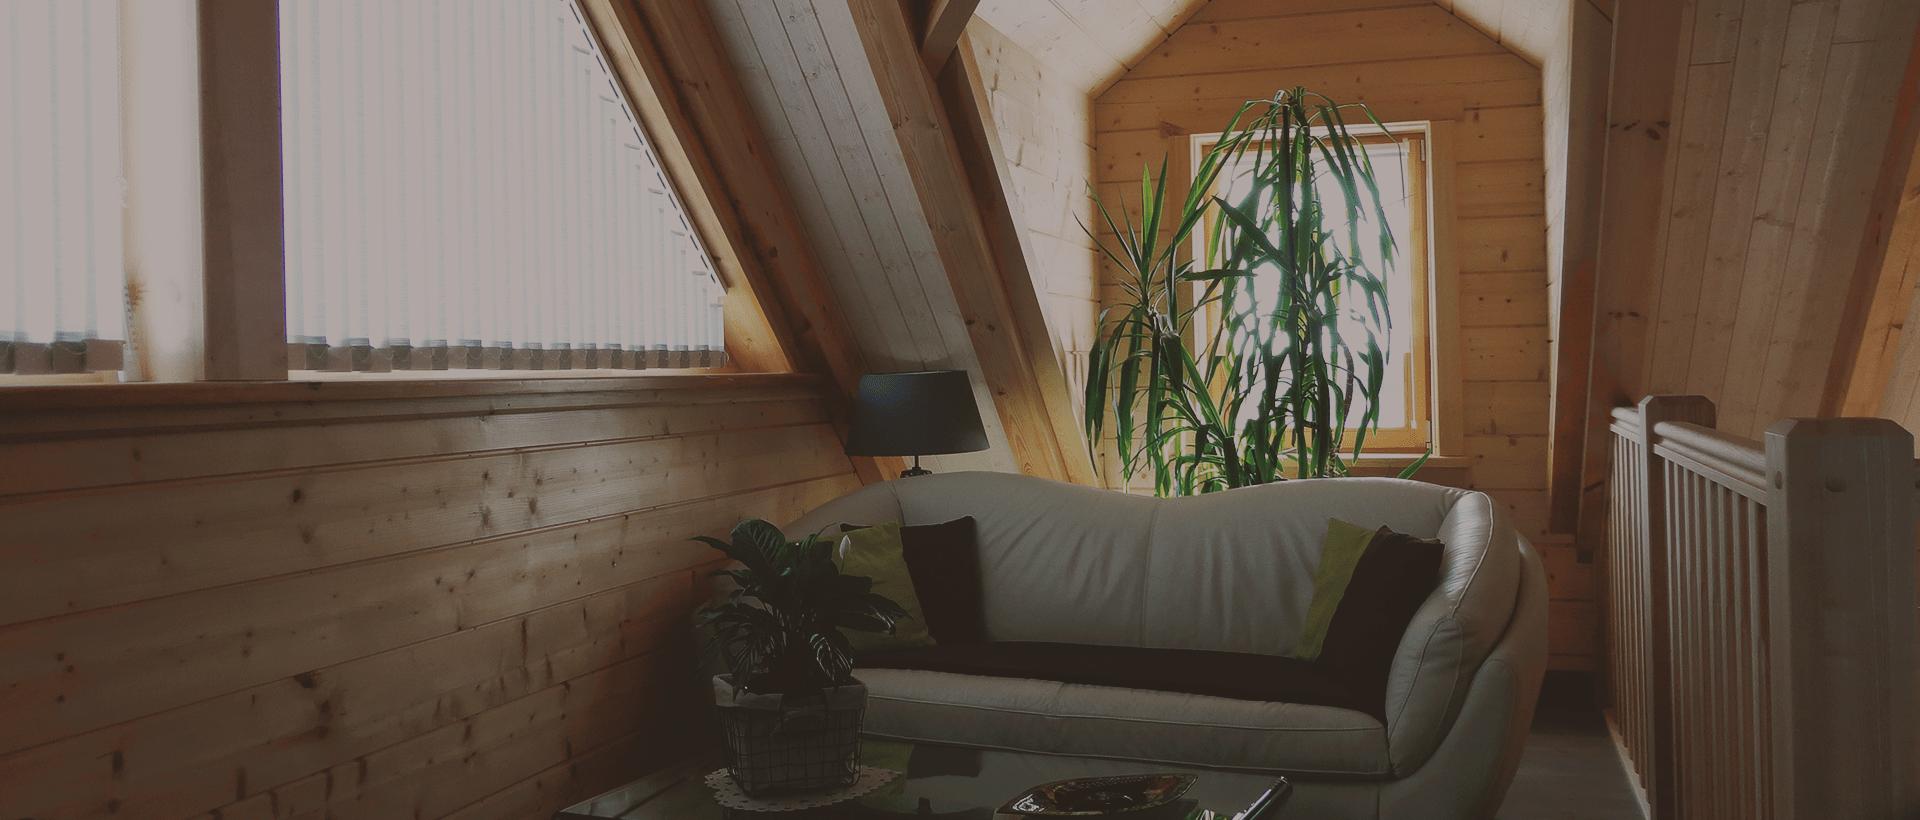 Maisons en bois M'Le Bois